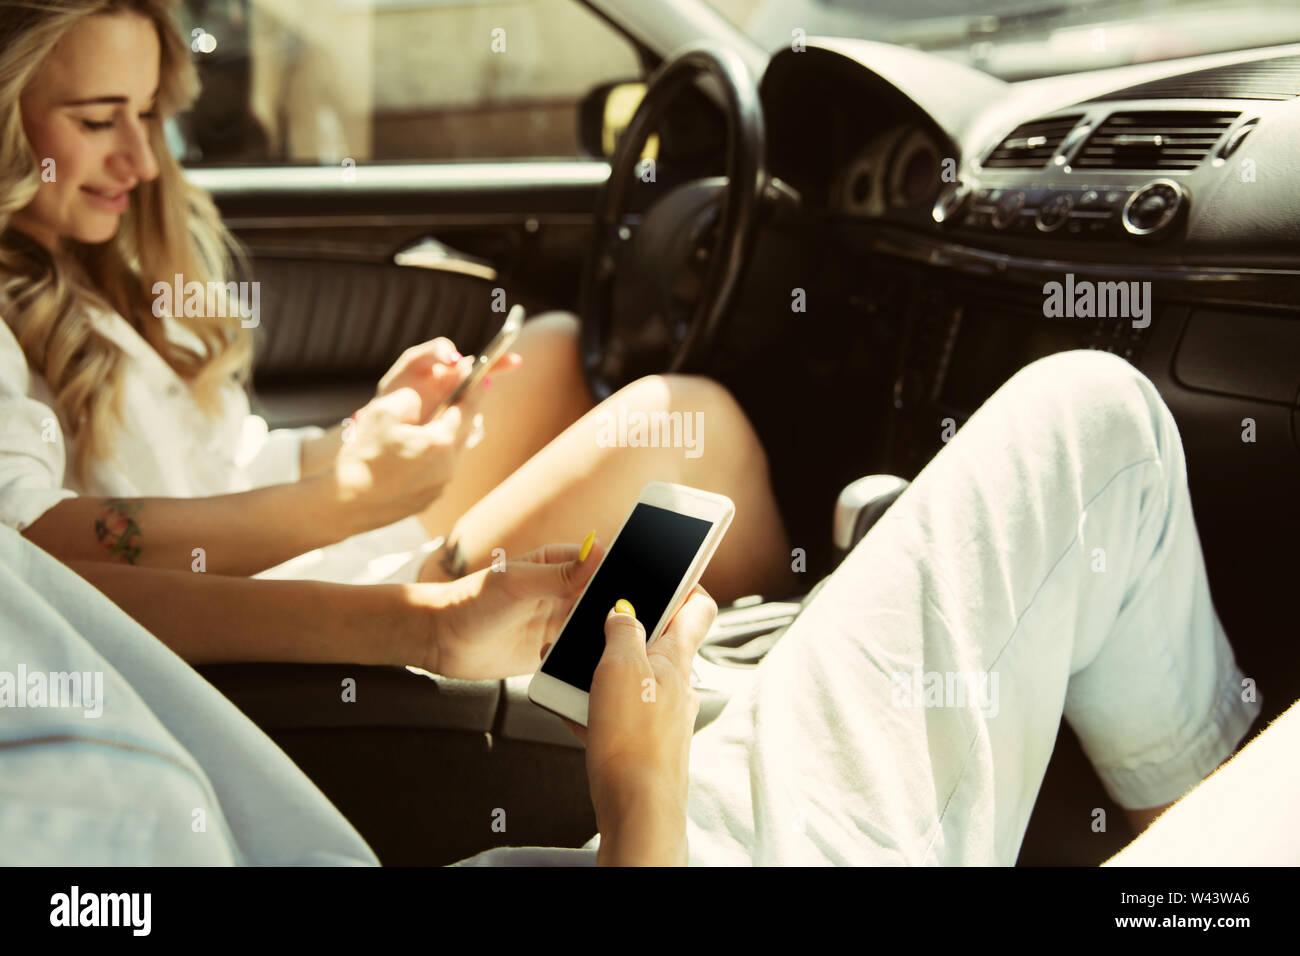 Die jungen lesbischen Paar Vorbereitungen für die Urlaubsreise auf dem Auto in sonniger Tag. Frauen sitzen und auf das Meer, den Fluss oder Meer zu gehen. Konzept der Beziehung, Liebe, Sommer, Wochenende, Hochzeitsreise. Stockfoto